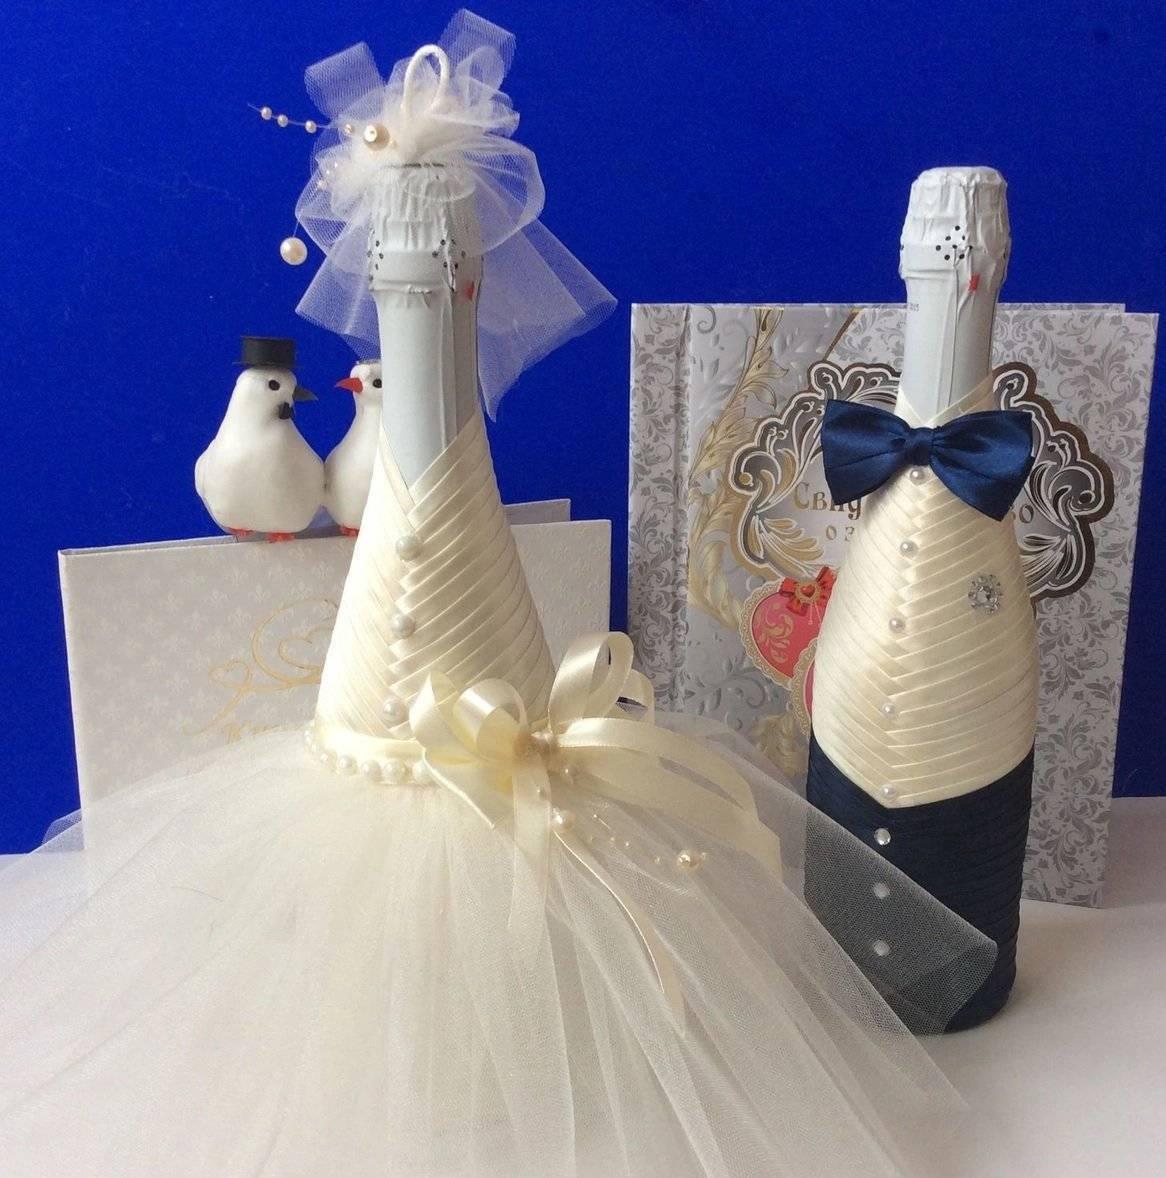 Техники украшения свадебных бутылок своими руками, интересные идеи для новичков